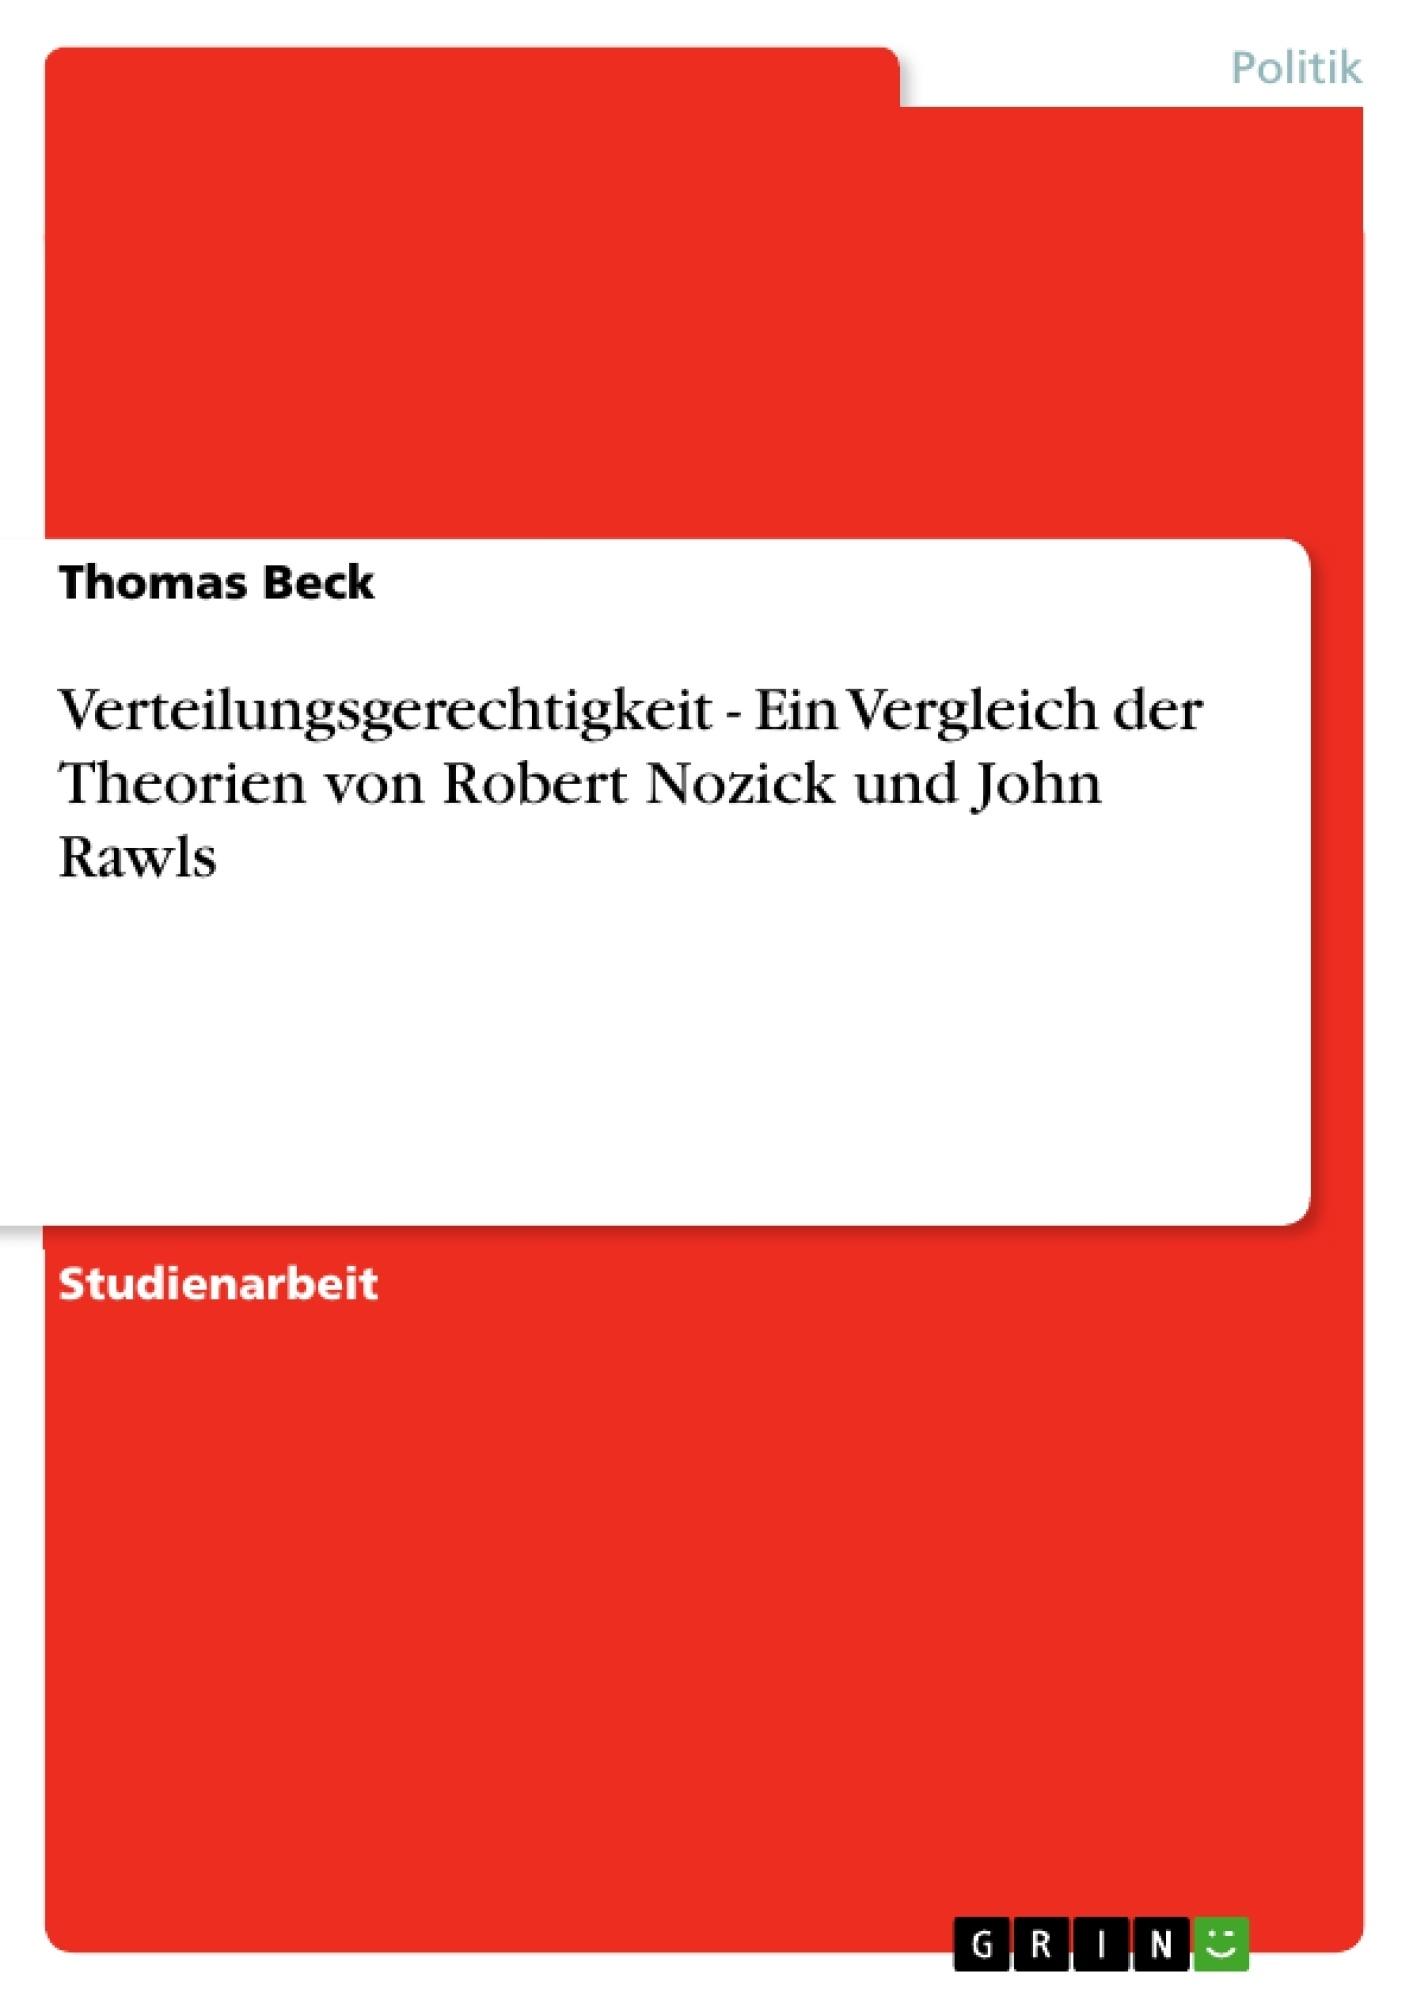 Titel: Verteilungsgerechtigkeit - Ein Vergleich der Theorien von Robert Nozick und John Rawls